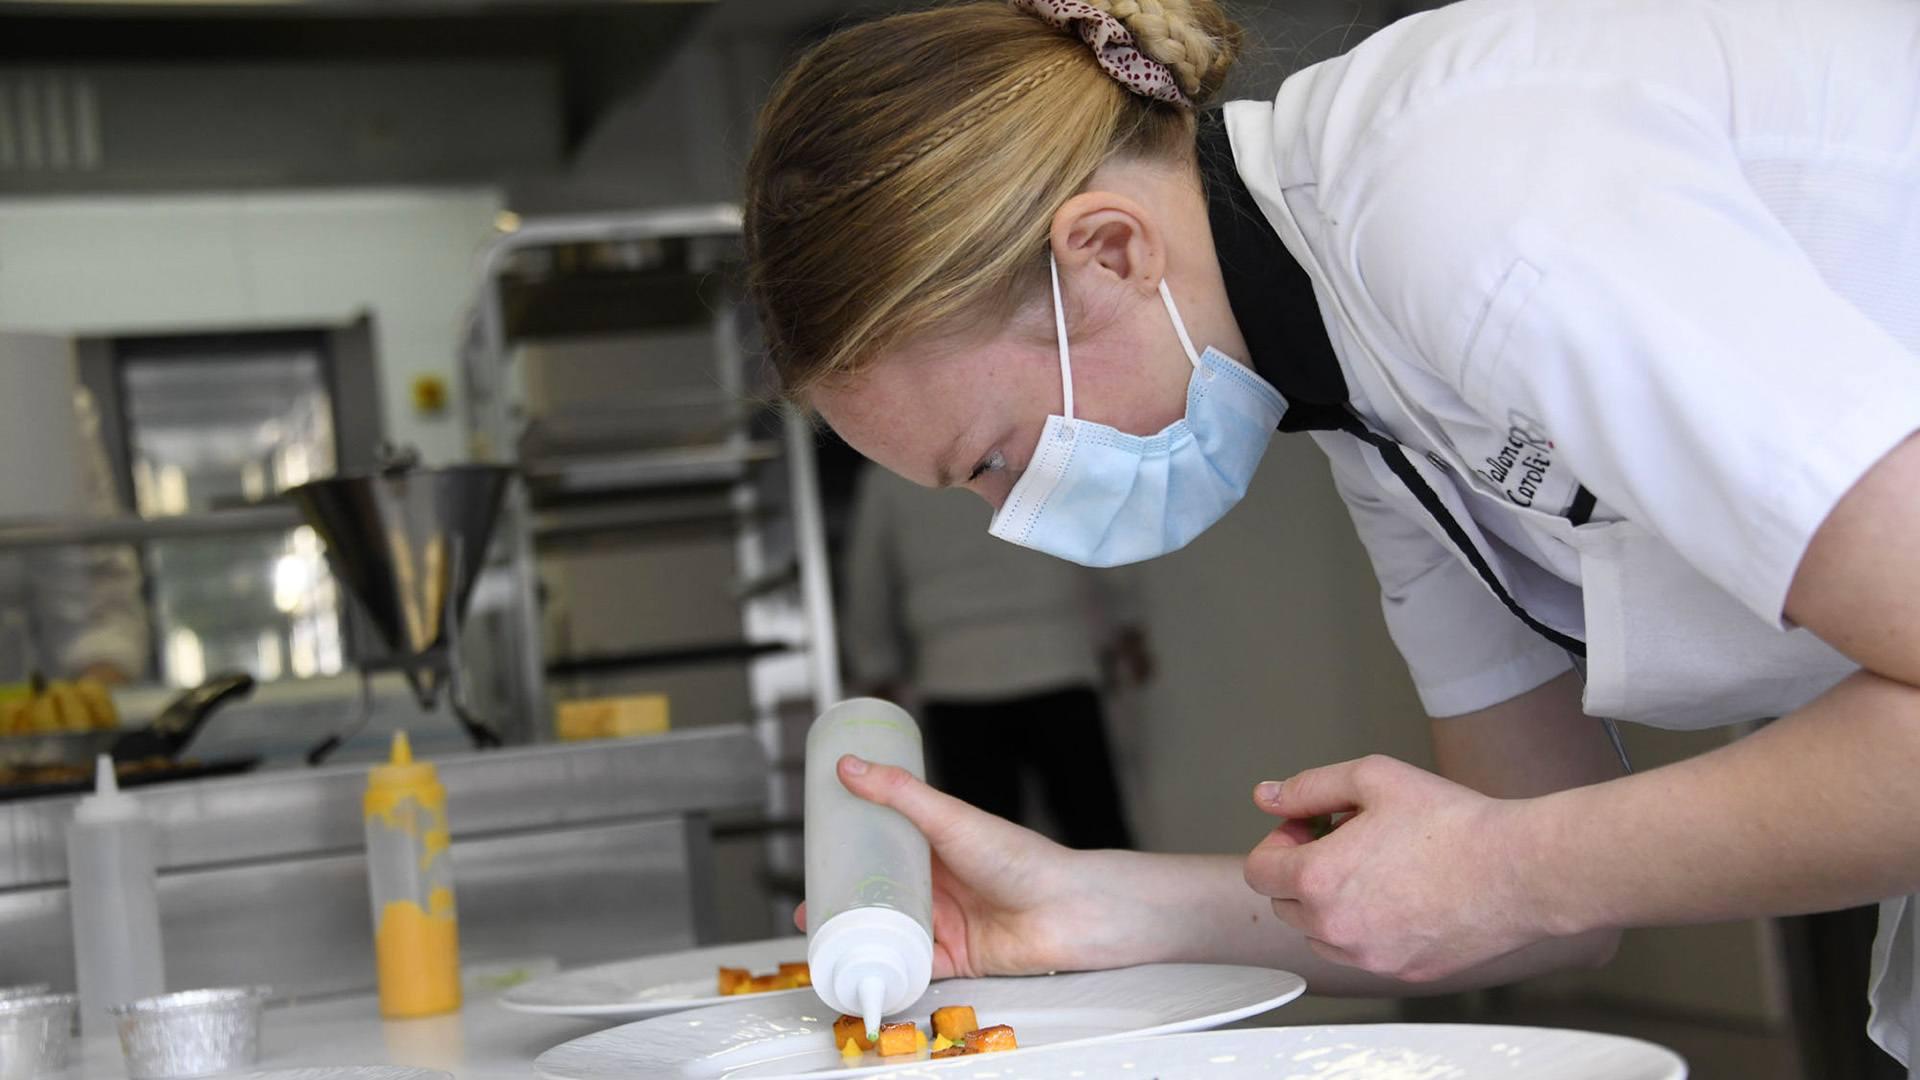 Toques et jeunes pousses dans la cuisine du futur : Caroline Vallance dans ses oeuvres